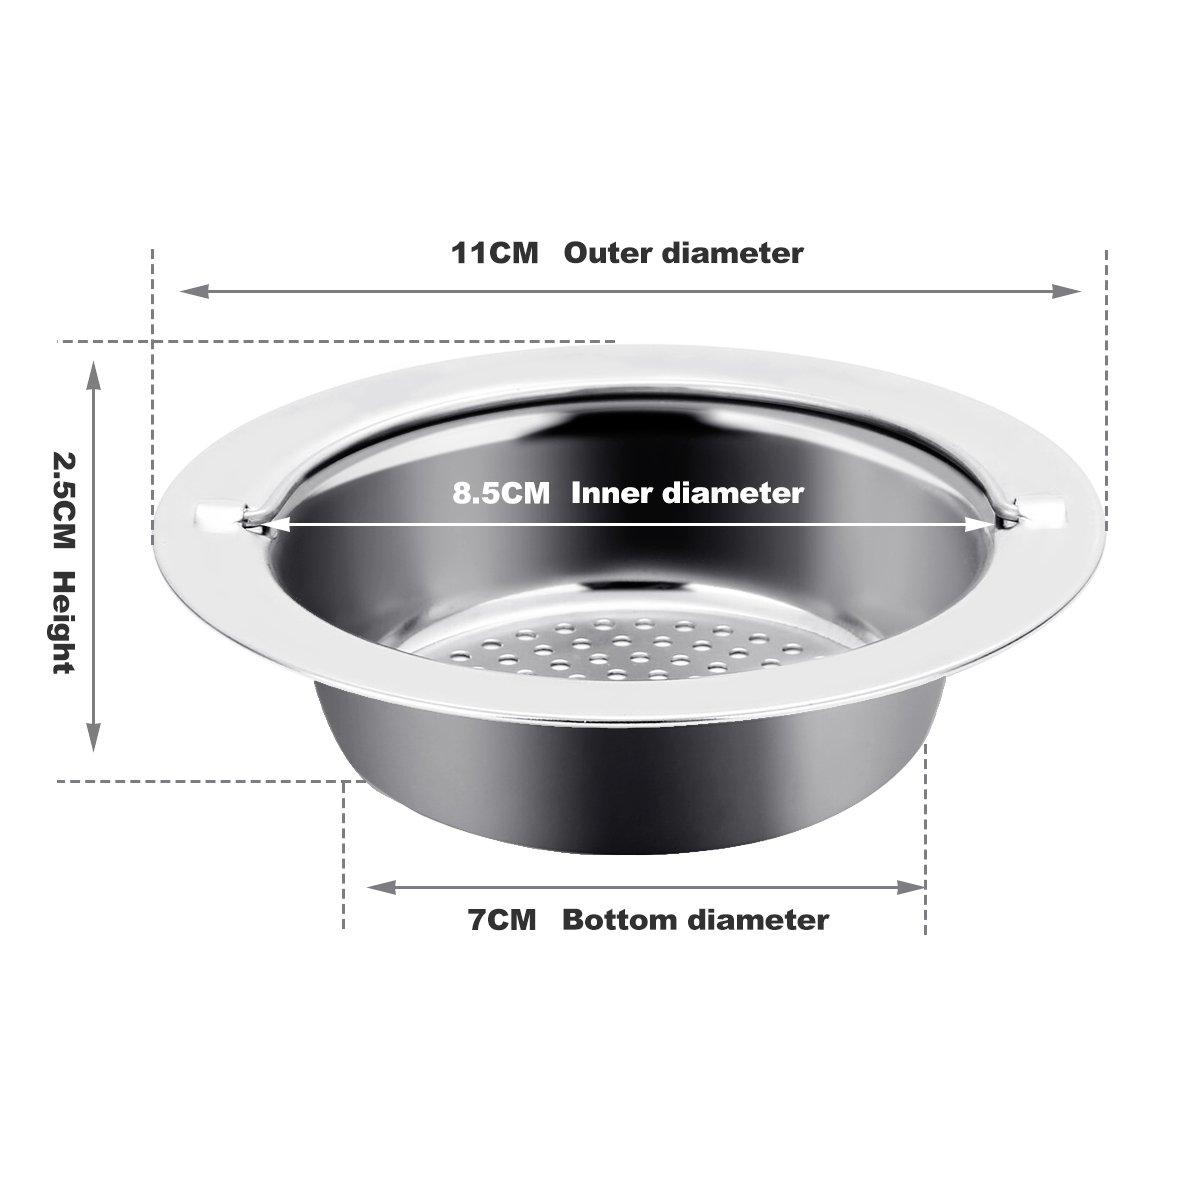 Großzügig Küchenspüle Hersteller Nz Bilder - Ideen Für Die Küche ...